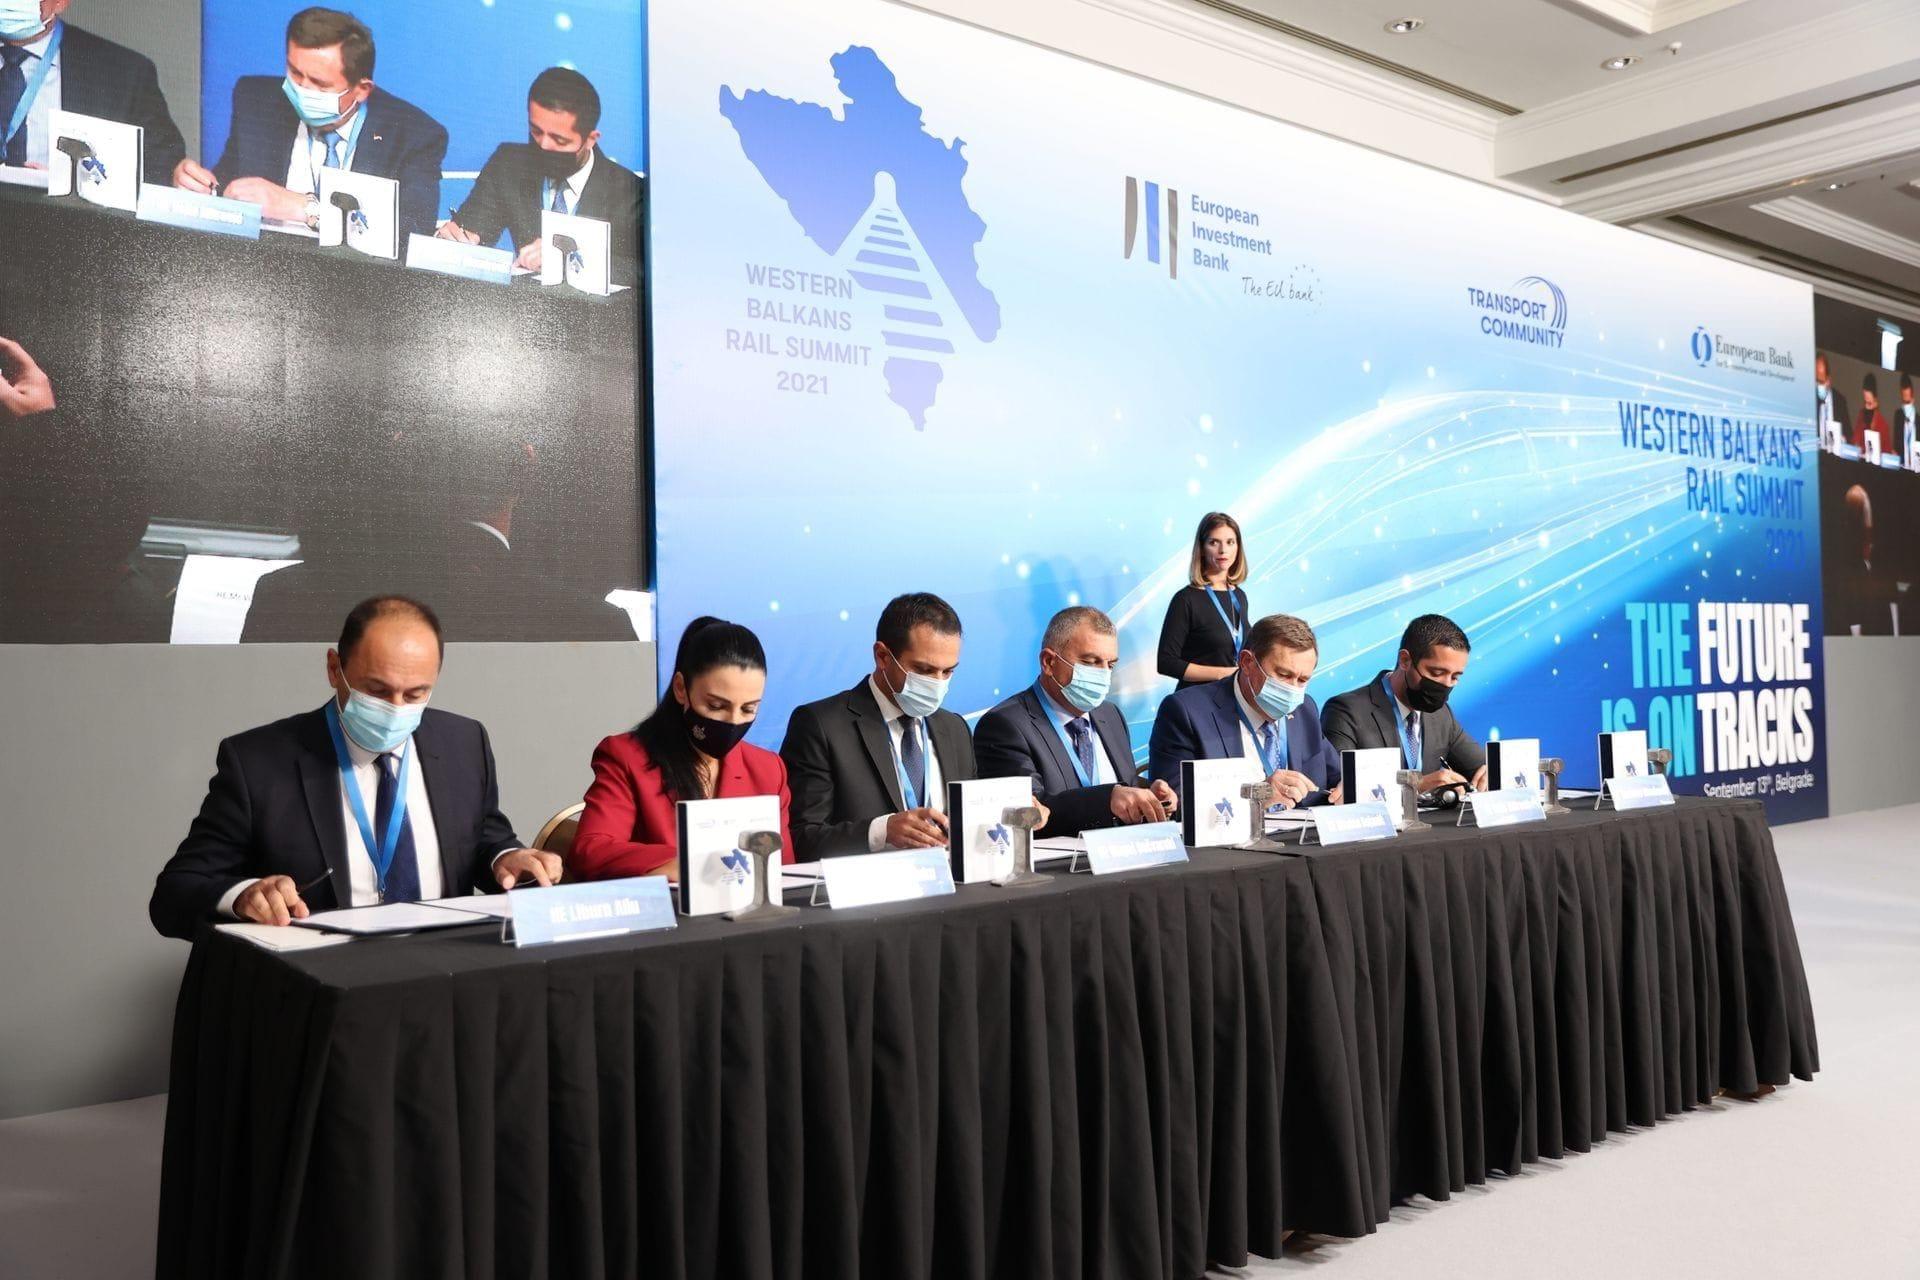 Željeznički samit Zapadnog Balkana